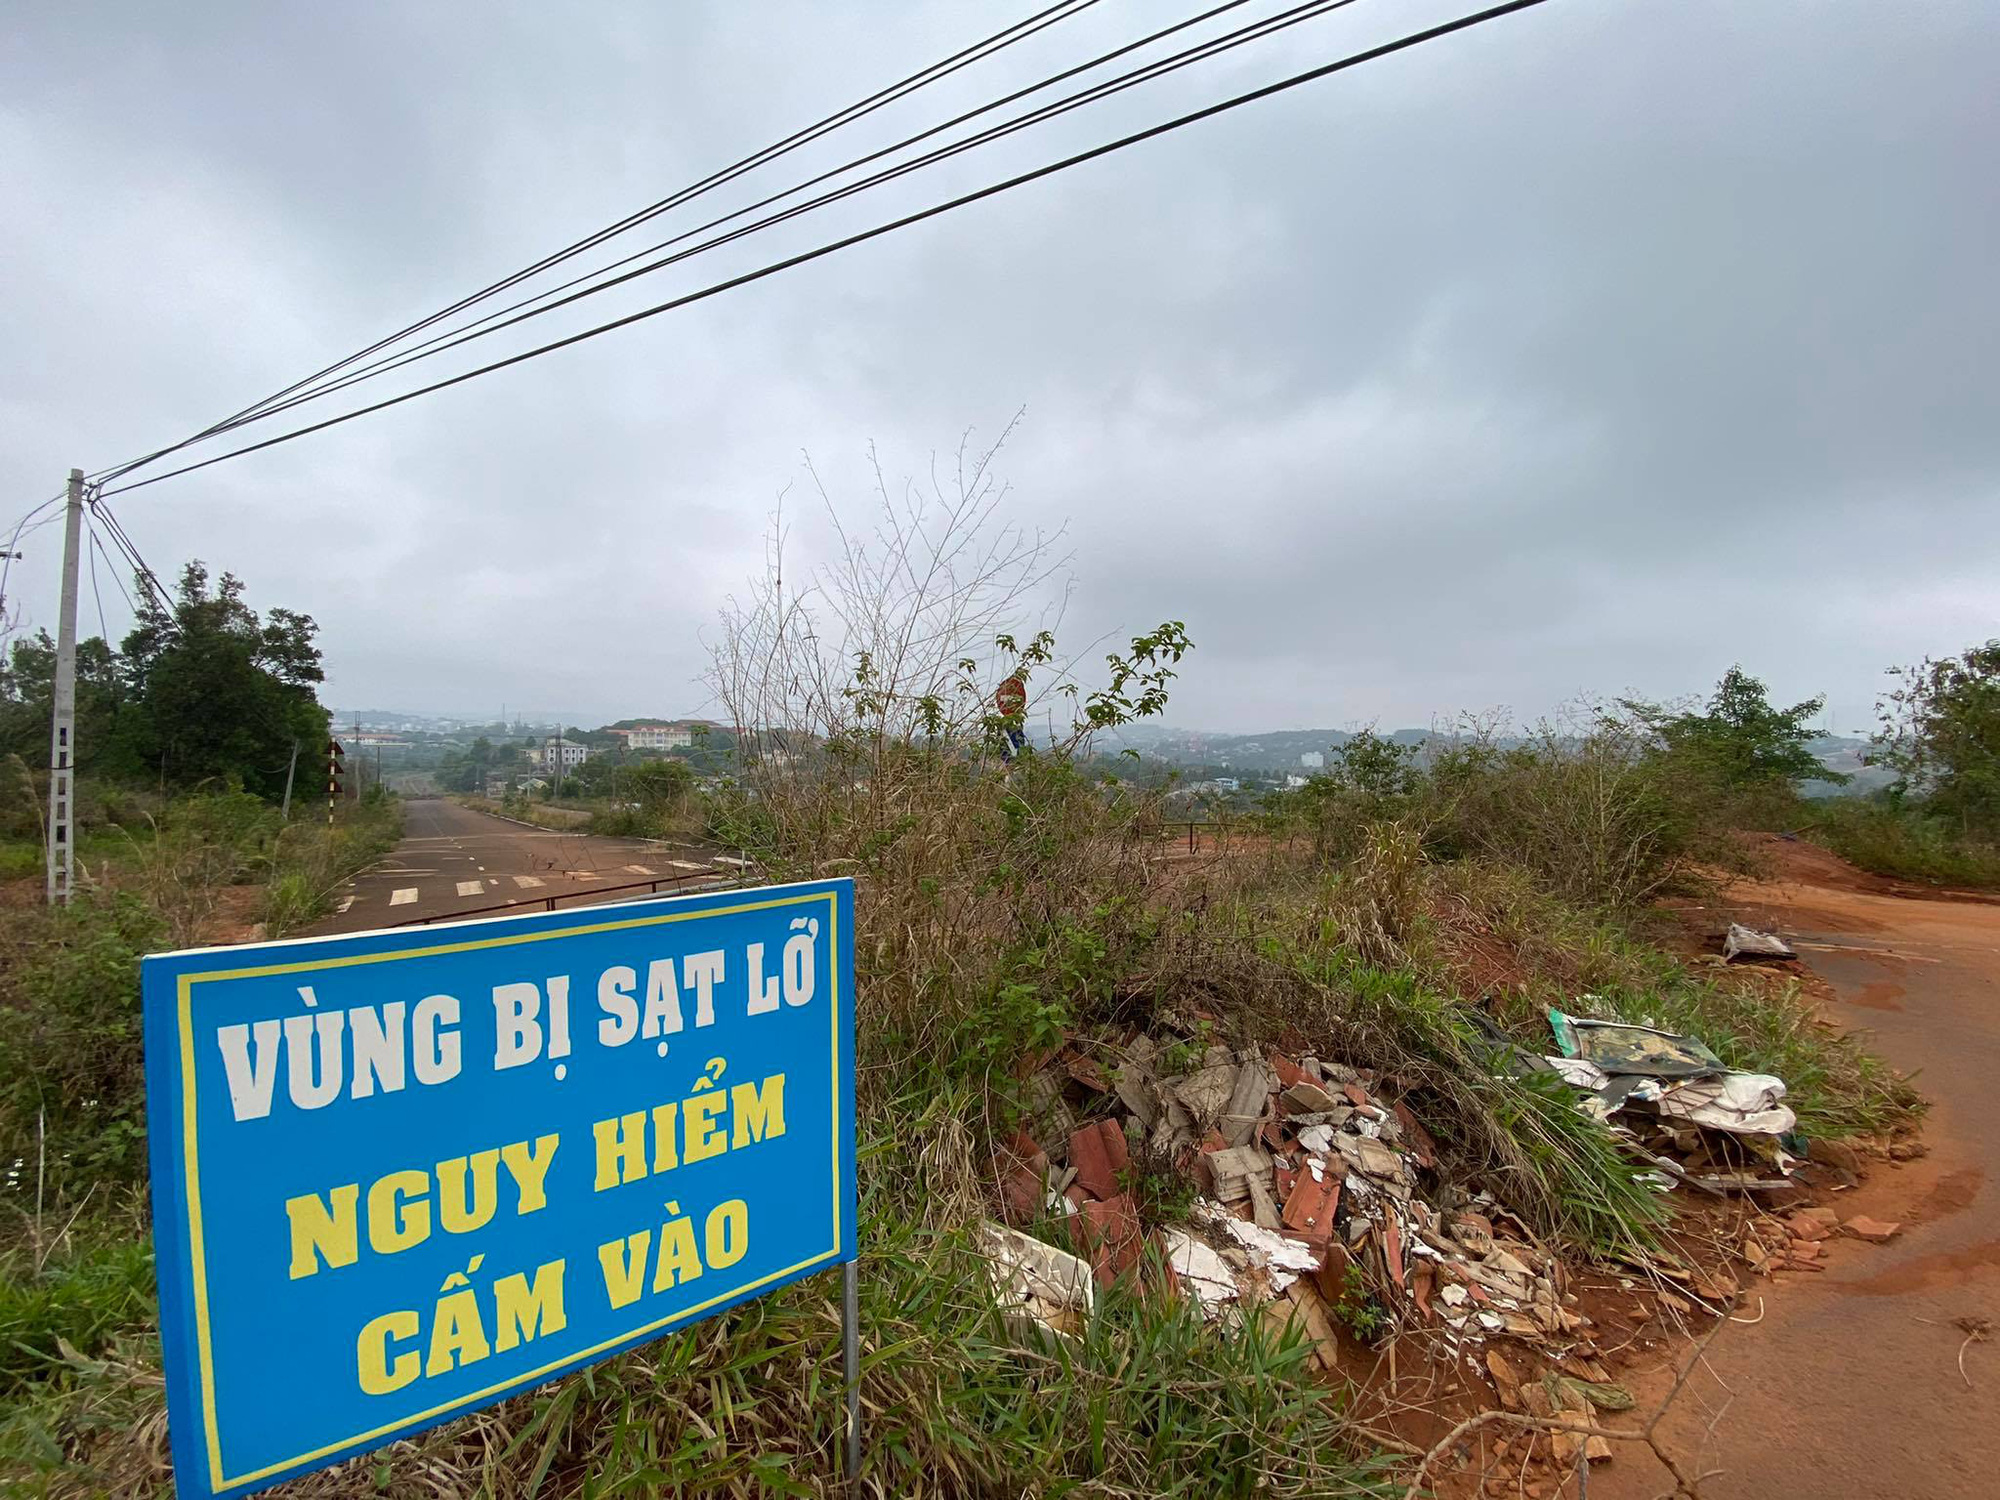 Gần 230 tỷ đồng xây dựng khu dân cư dọc tuyến đường sụt lún ở Đắk Nông? - Ảnh 2.